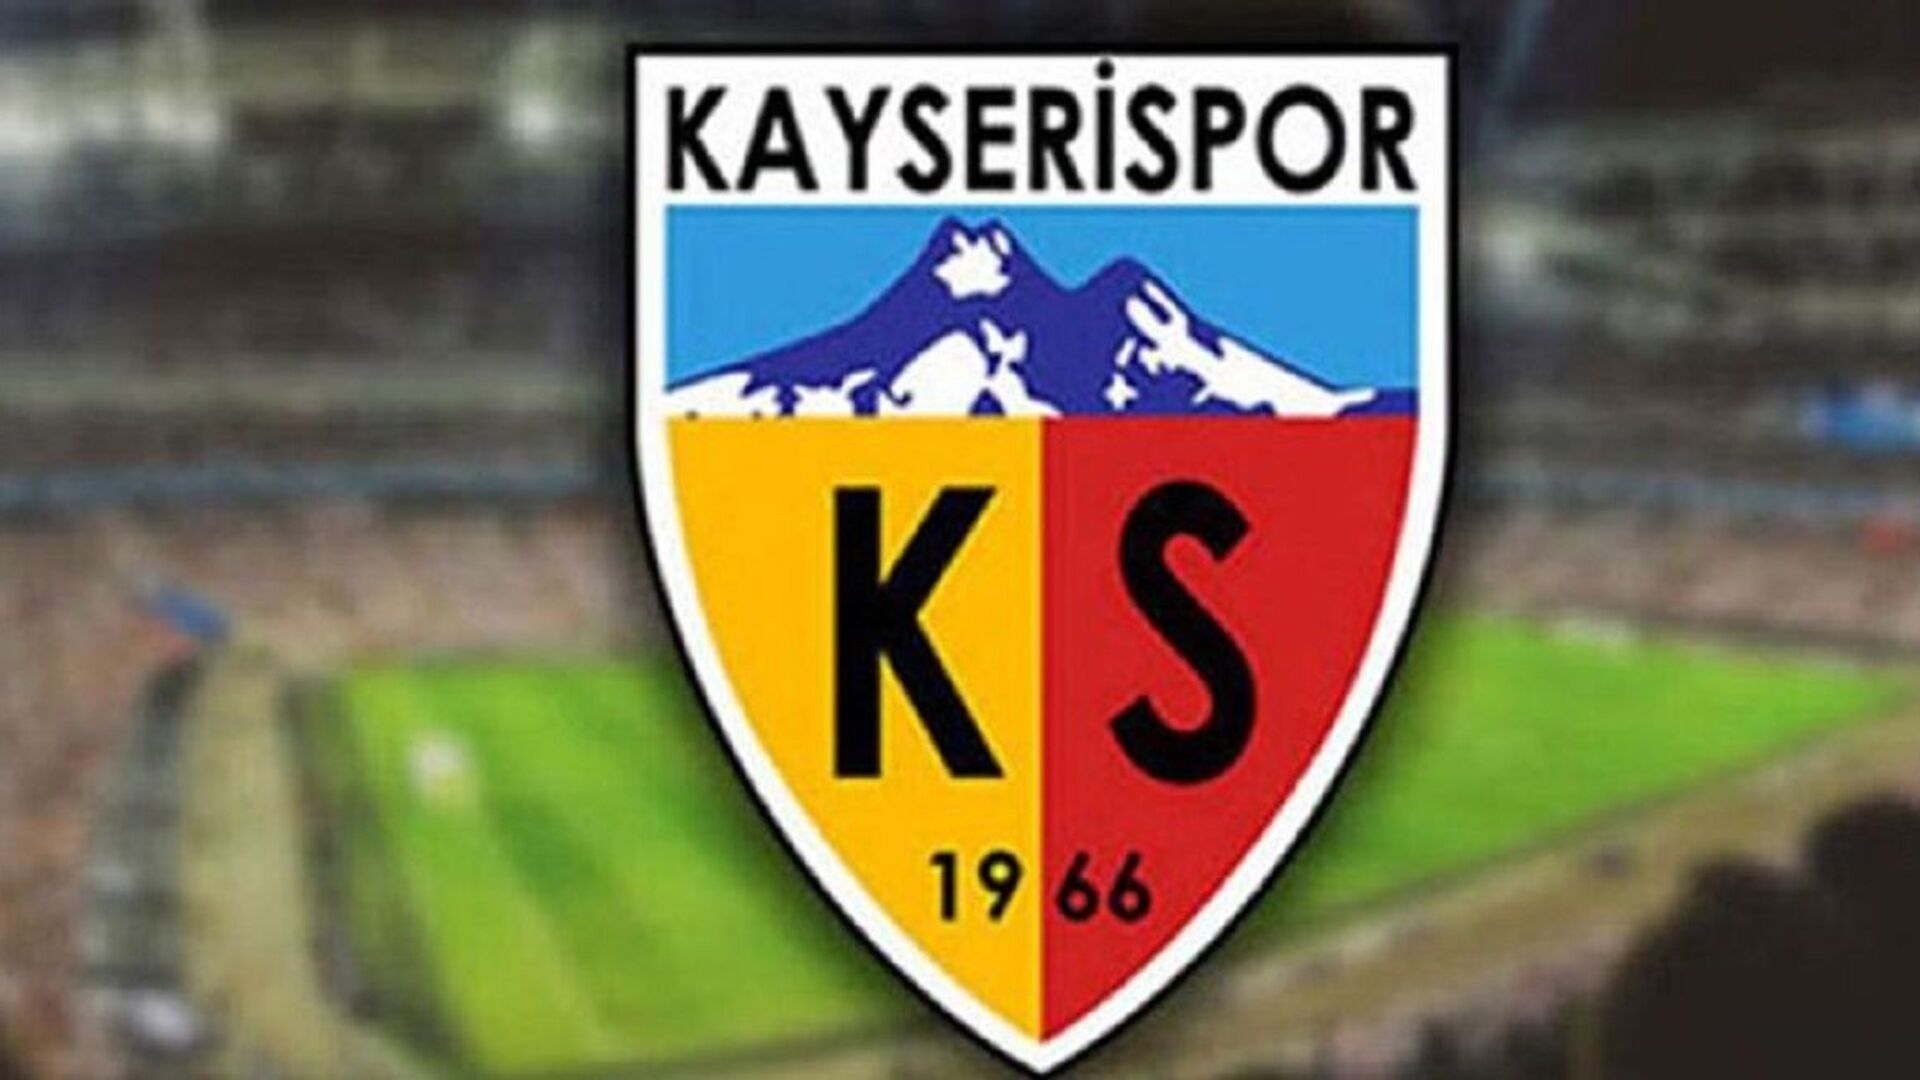 Kayserispor  - Sputnik Türkiye, 1920, 10.08.2021